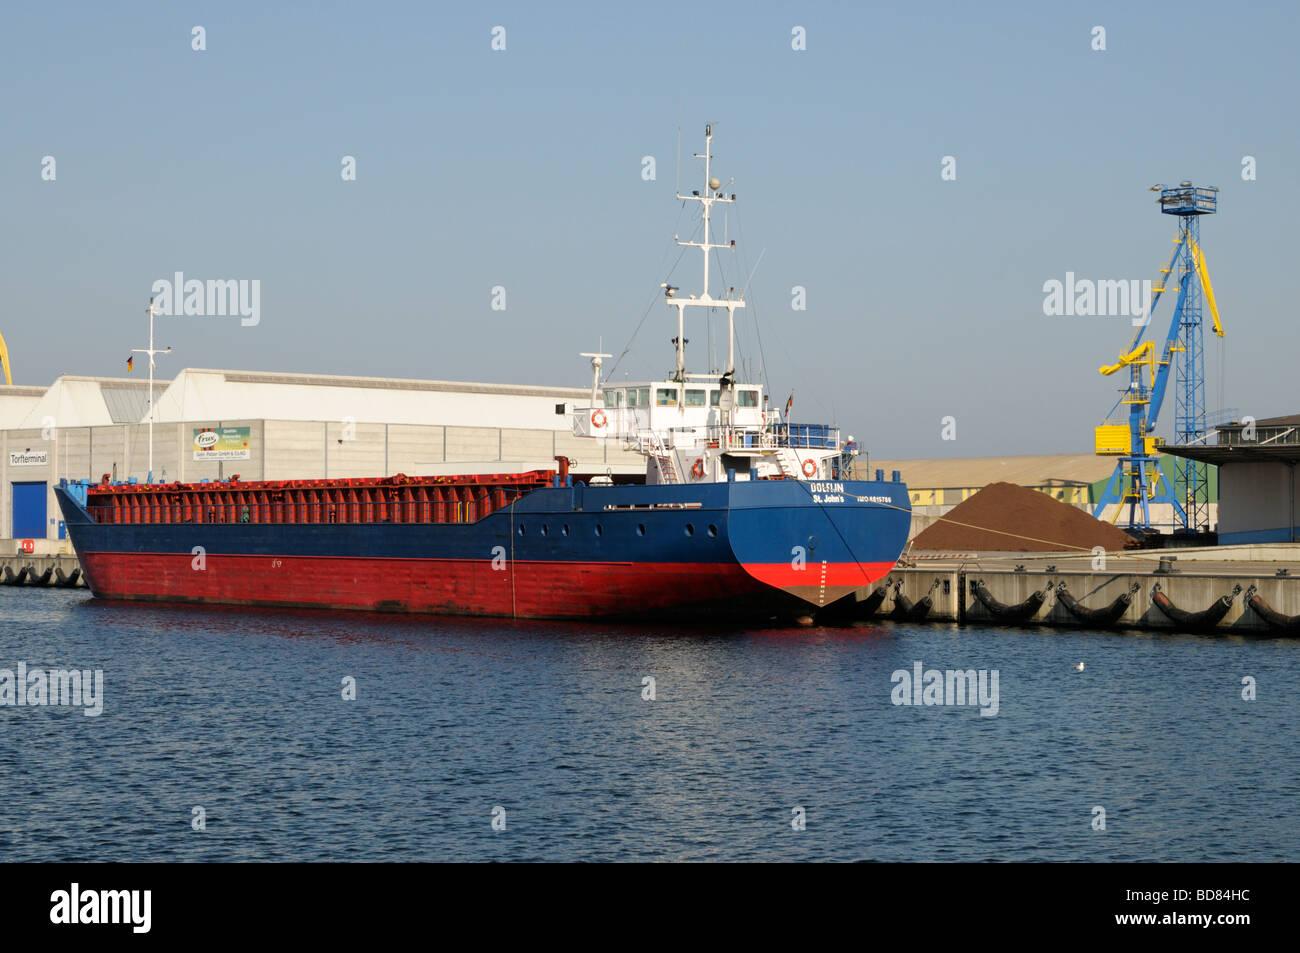 Torfterminal Hafen von Wismar Deutschland Peat terminal Port of Wismar Germany - Stock Image